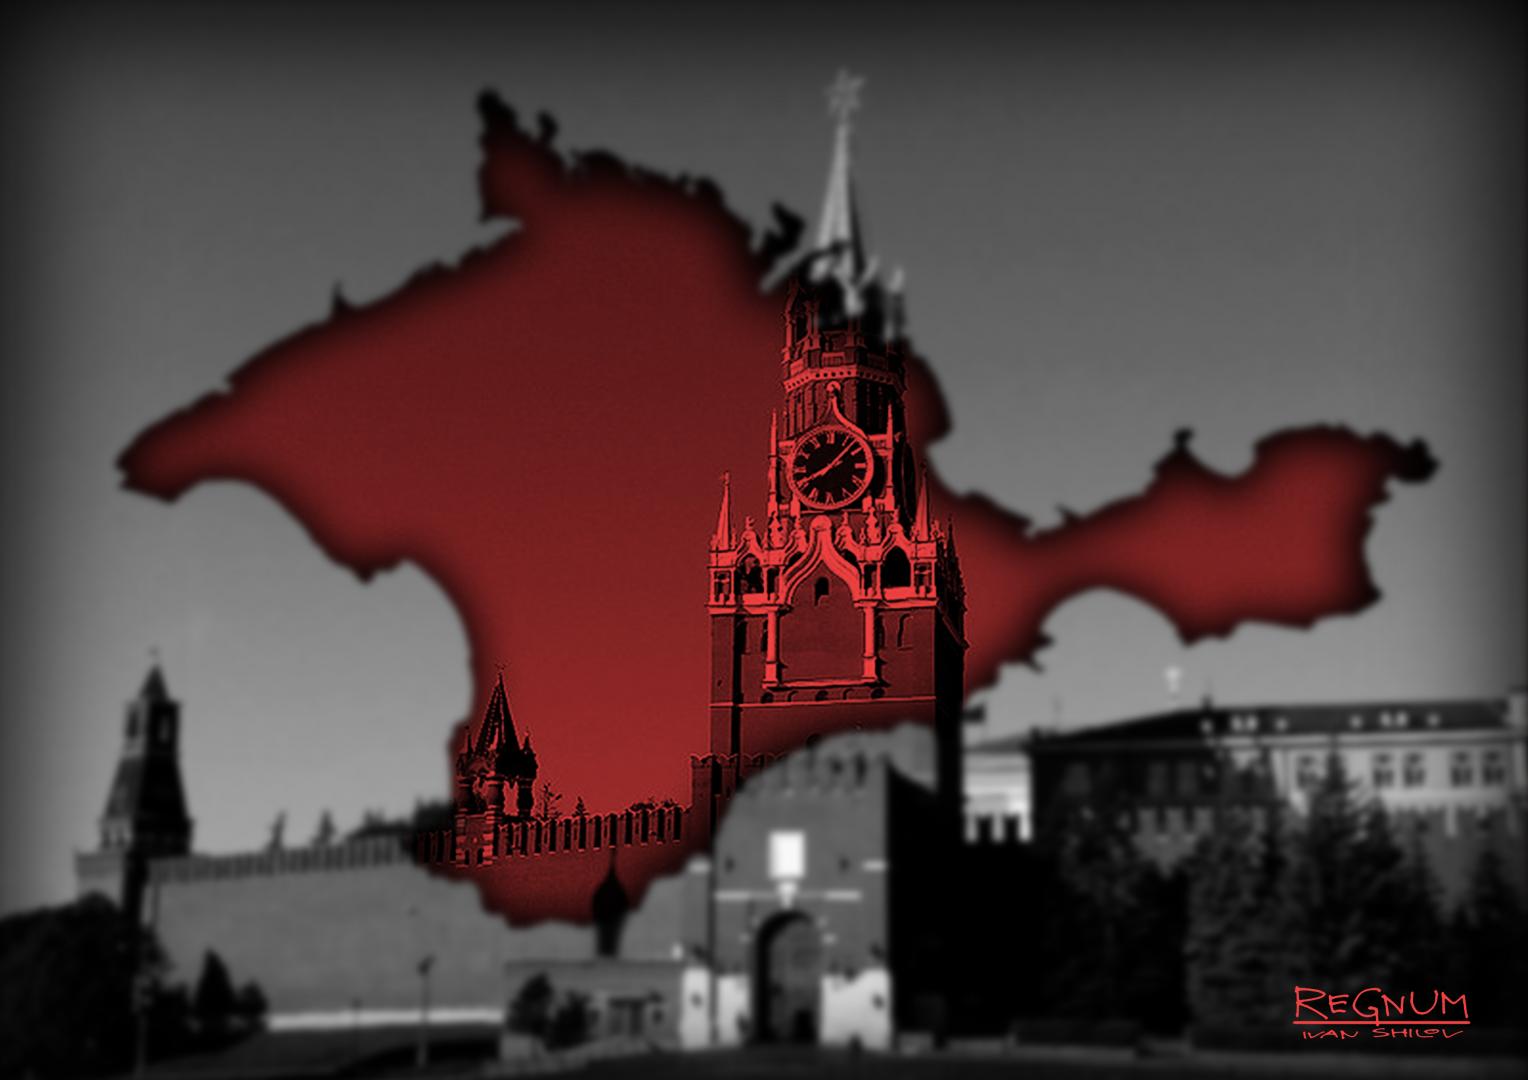 Экс-глава МИД Украины предложил создать из Крыма проблему для России